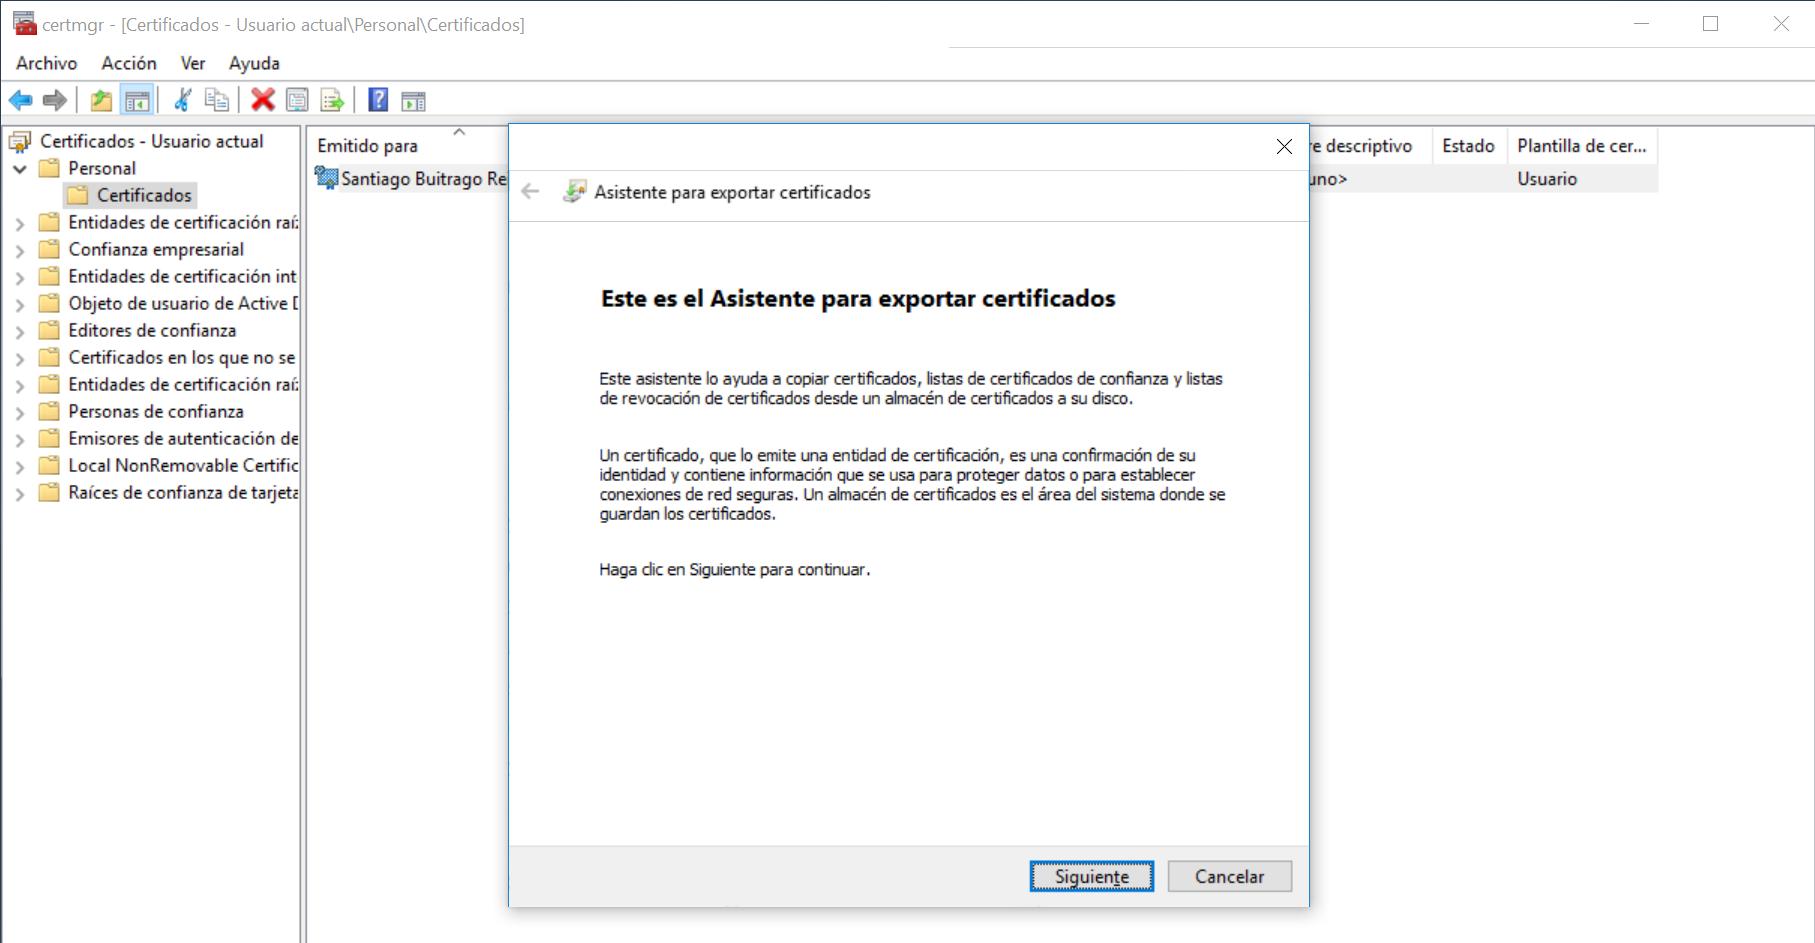 instalar_certificados_usuarios_via_gpo_03